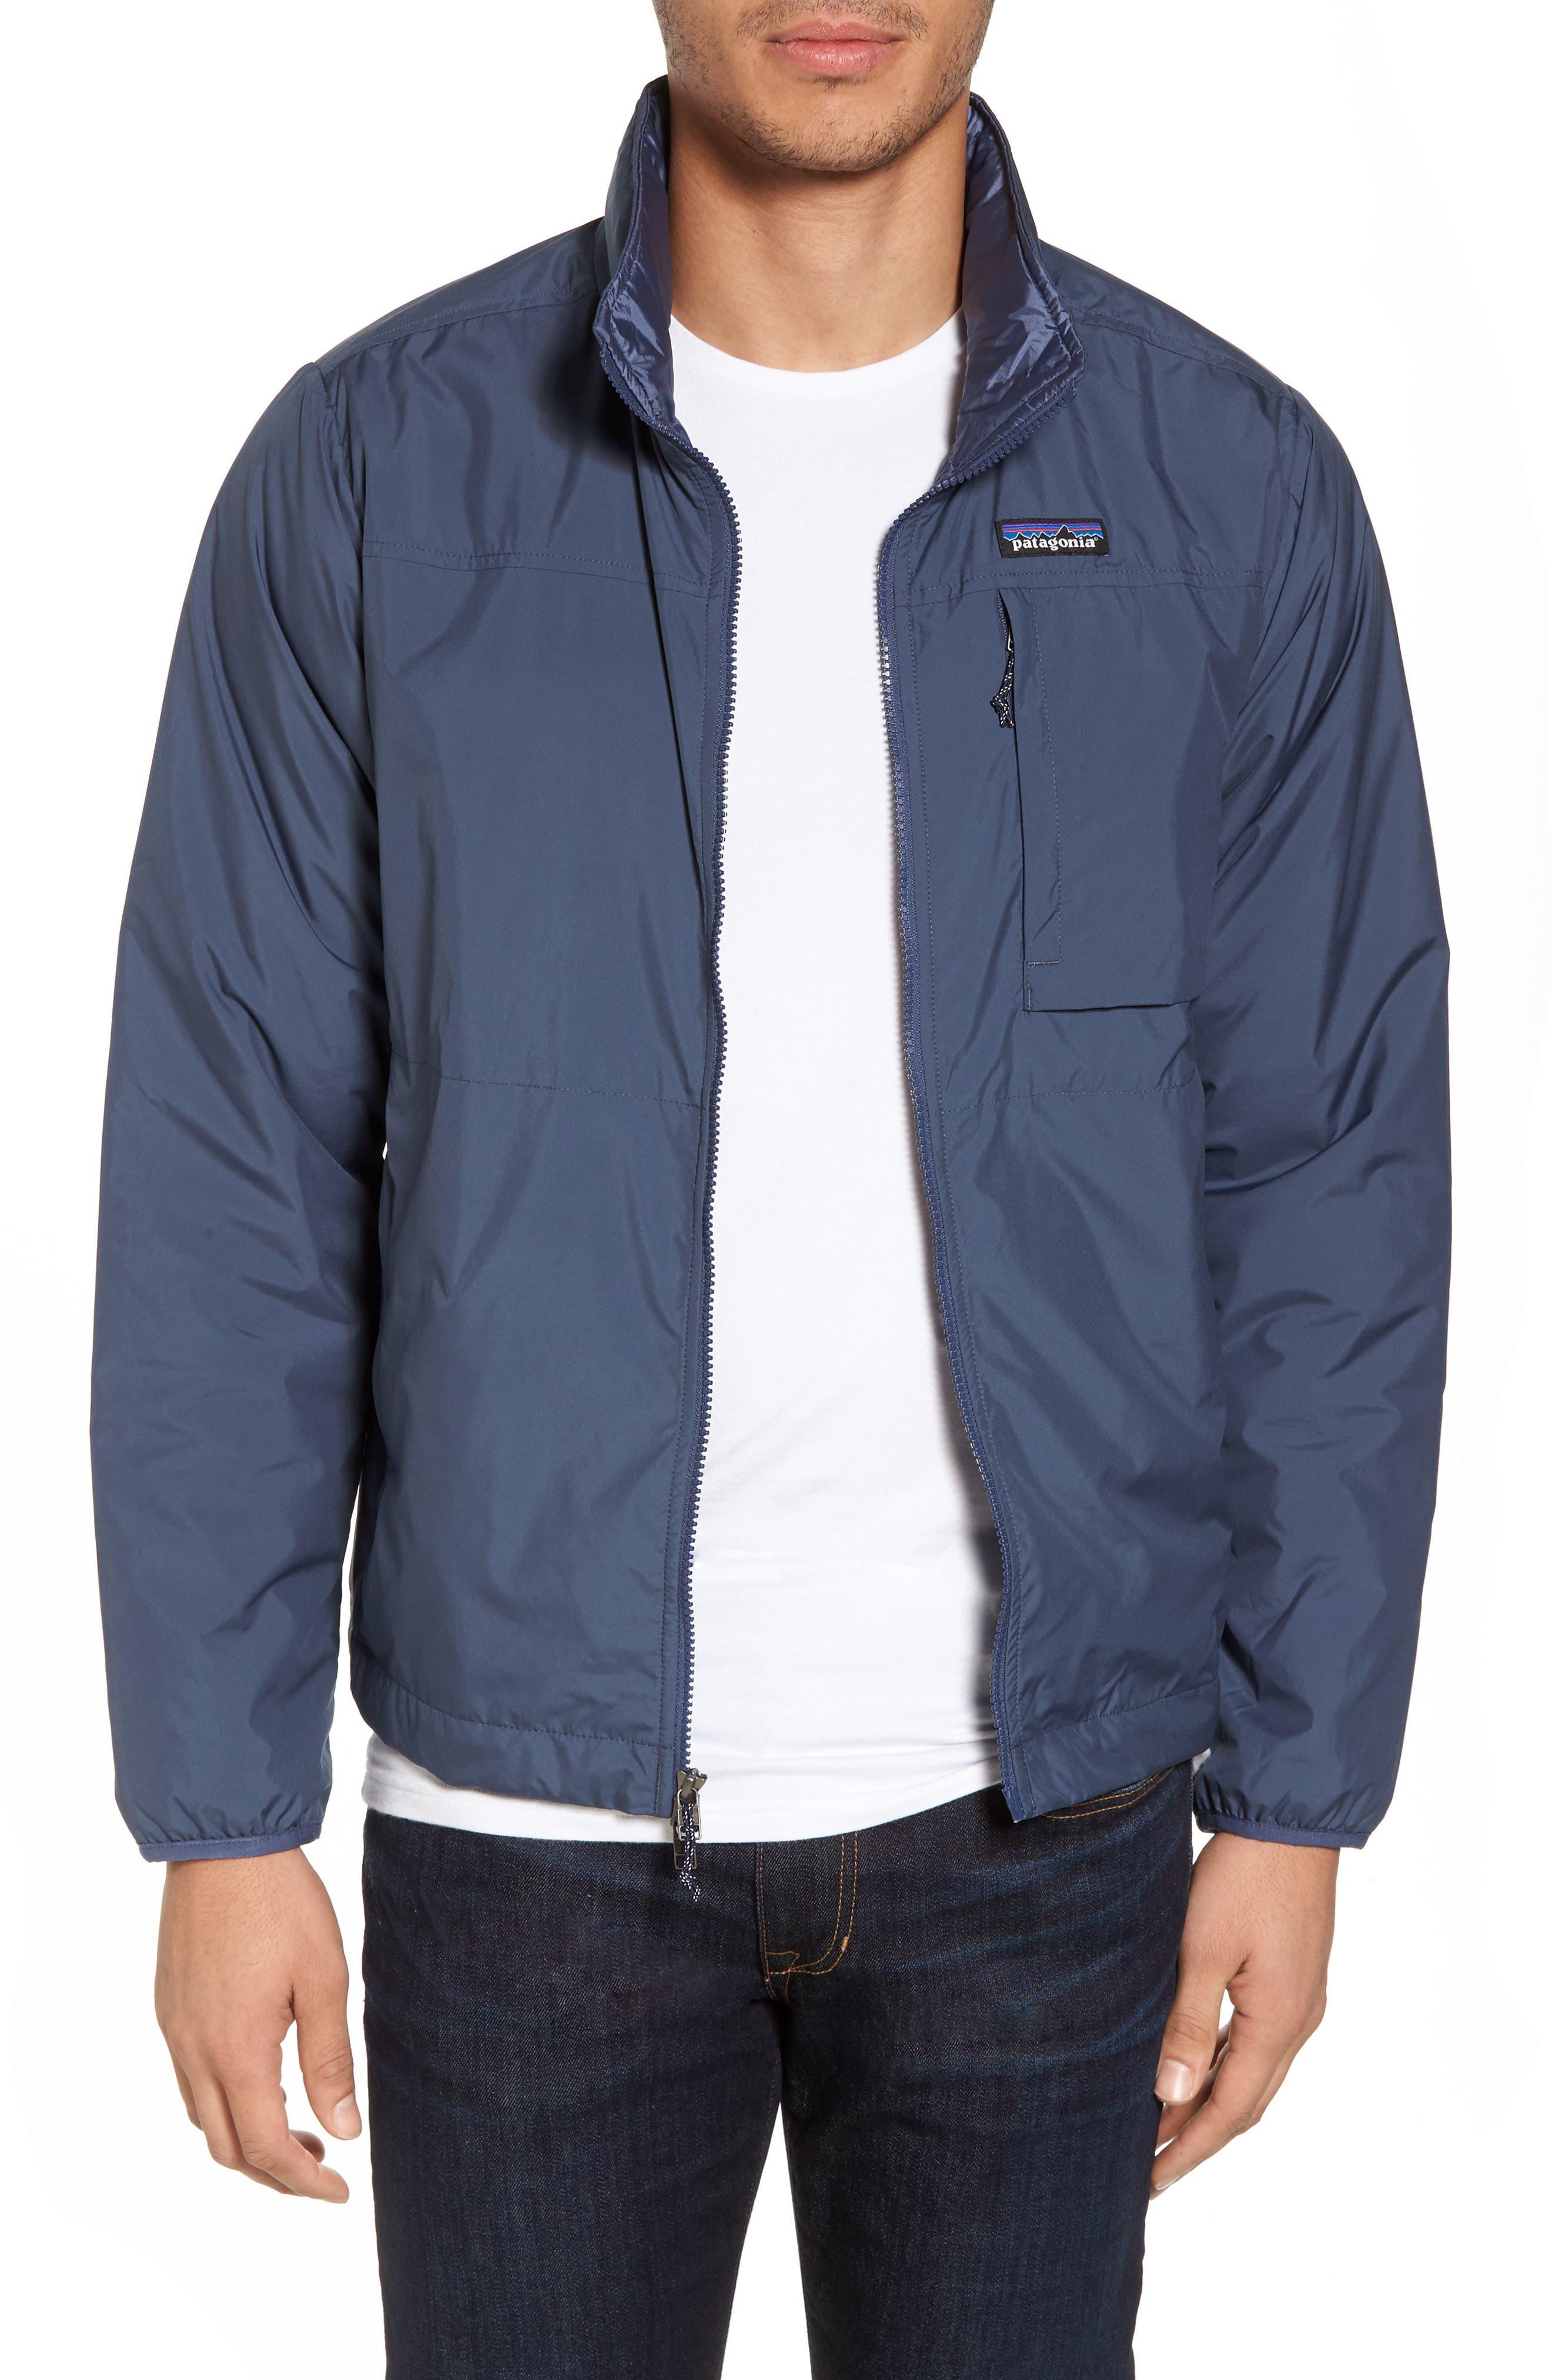 Crankset Regular Fit Jacket,                         Main,                         color, DOLOMITE BLUE